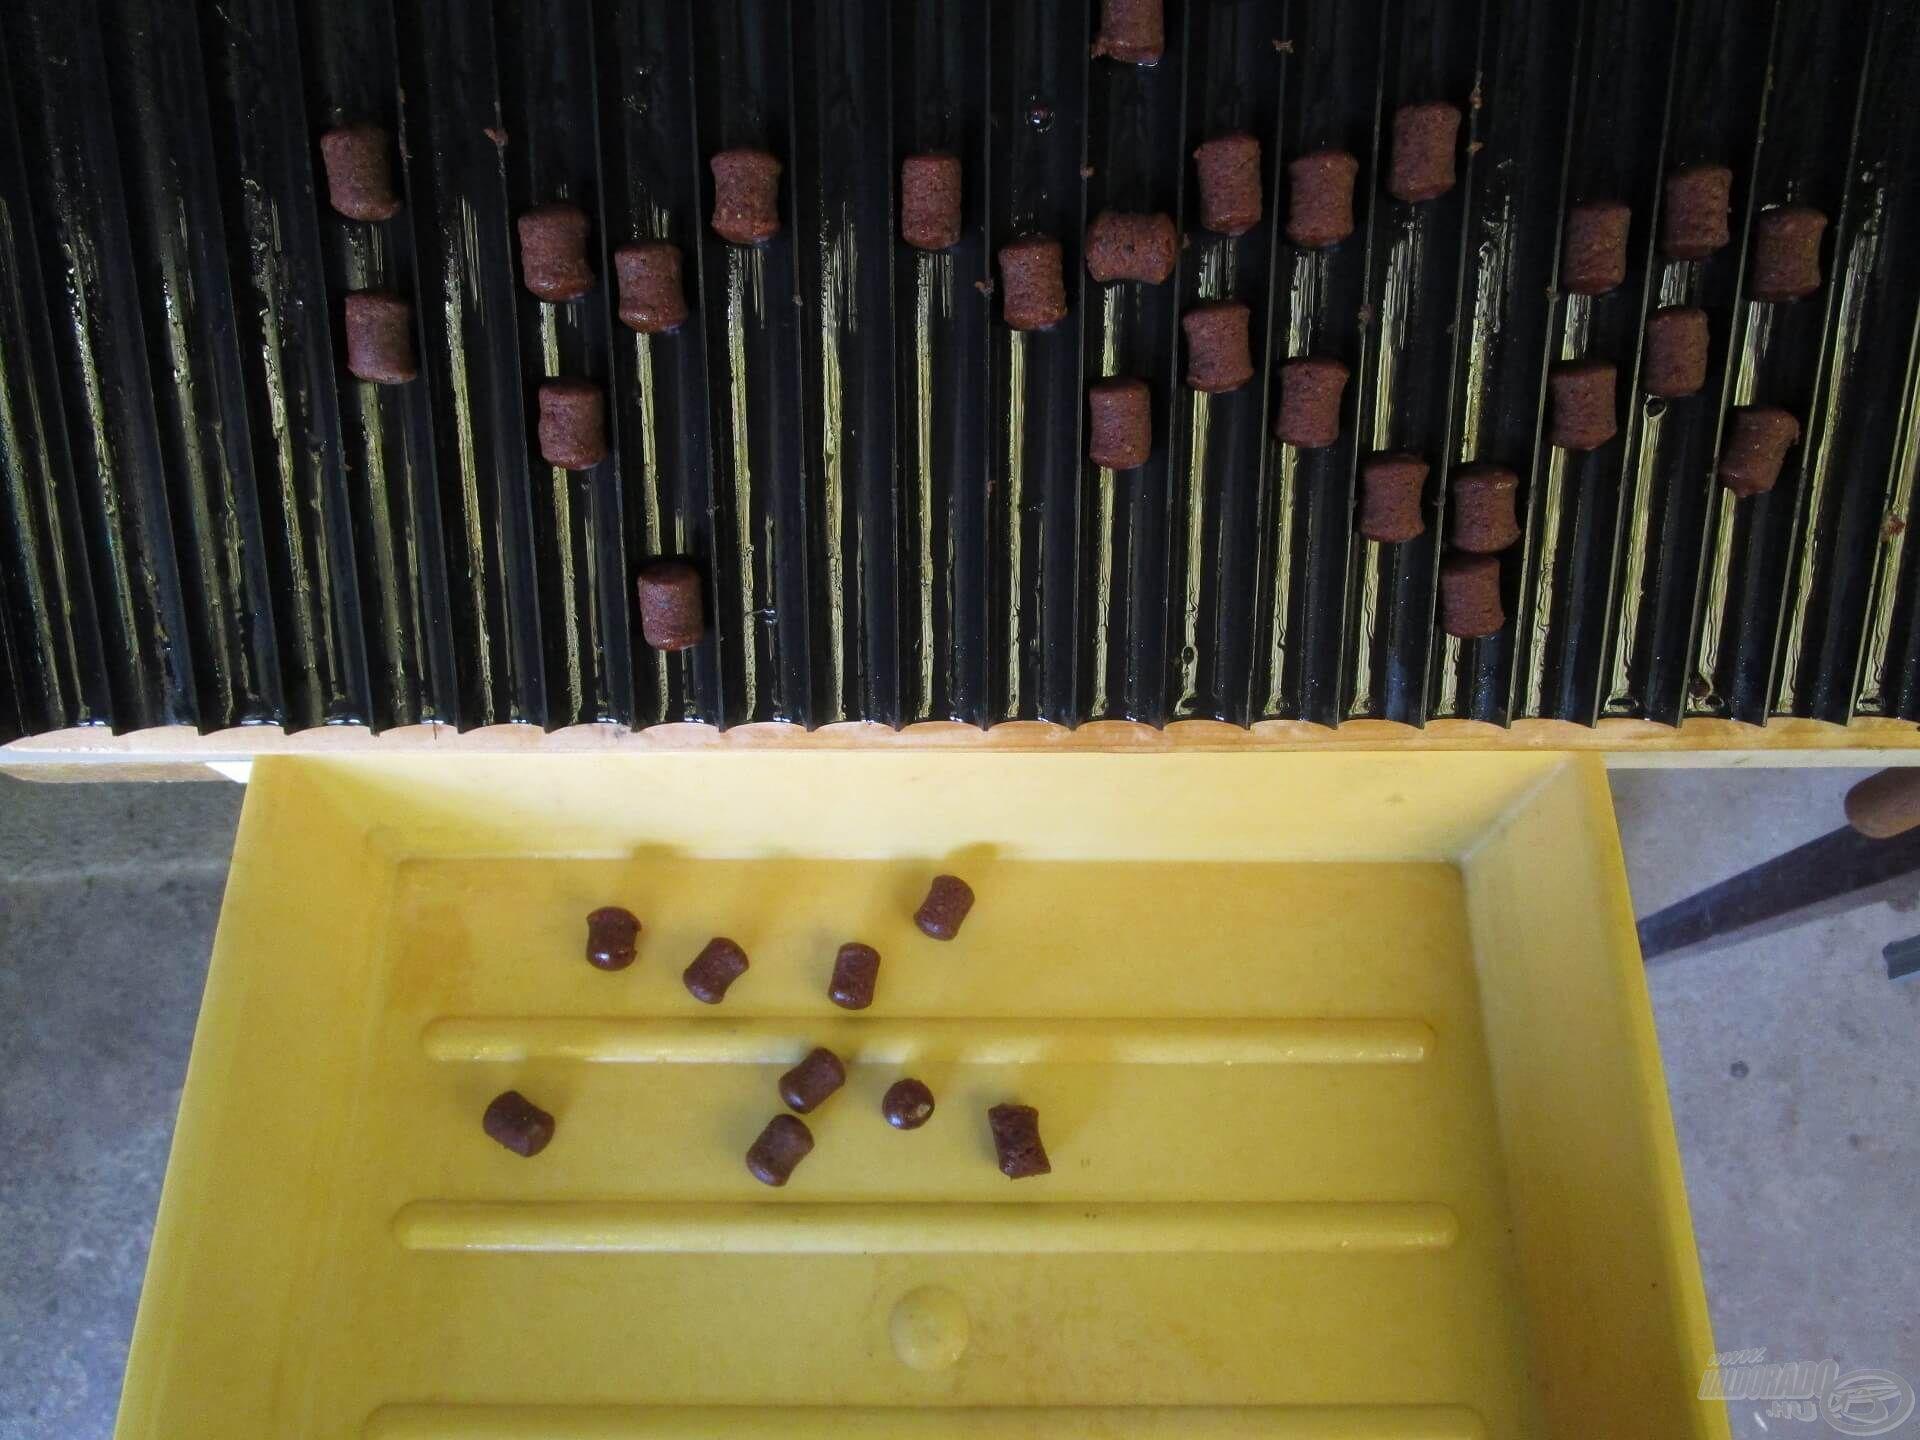 A zsanérral szerelt, dönthető bojlirollerről másodpercek alatt leszedhető az összes pellet